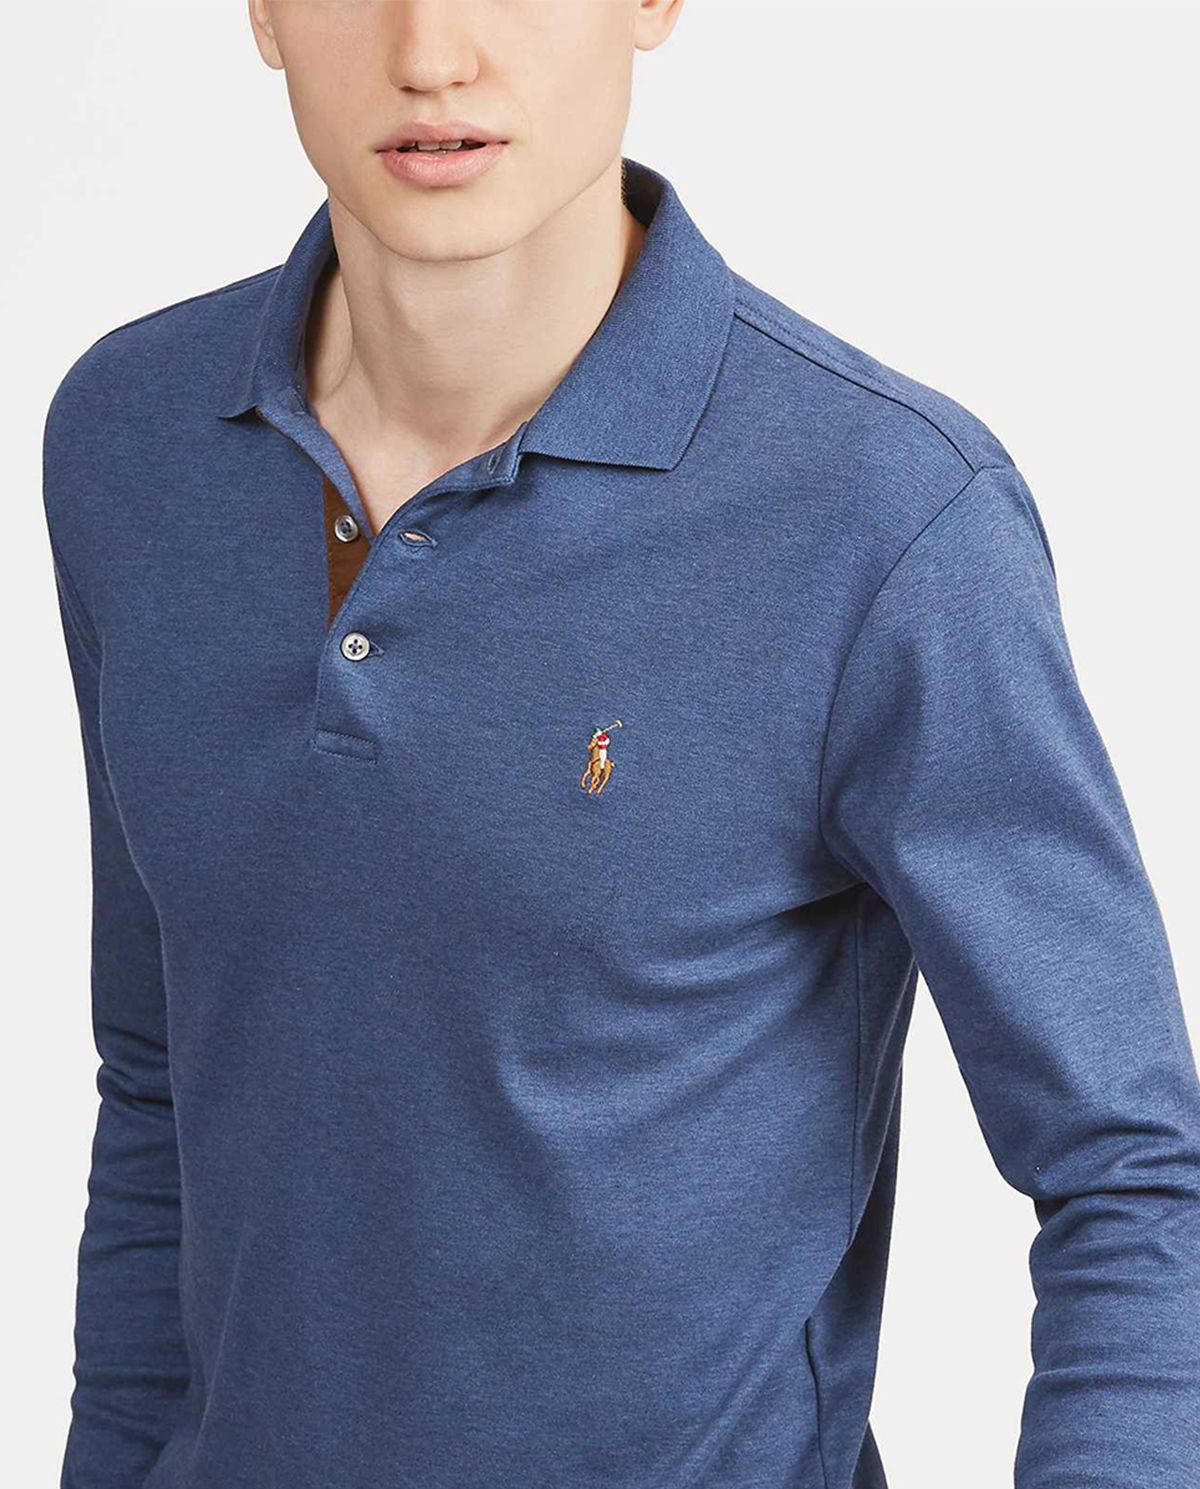 b41bc760f Koszulka z długim rękawem RALPH LAUREN – Kup Teraz! Najlepsze ceny i  opinie! Sklep Moliera2.com